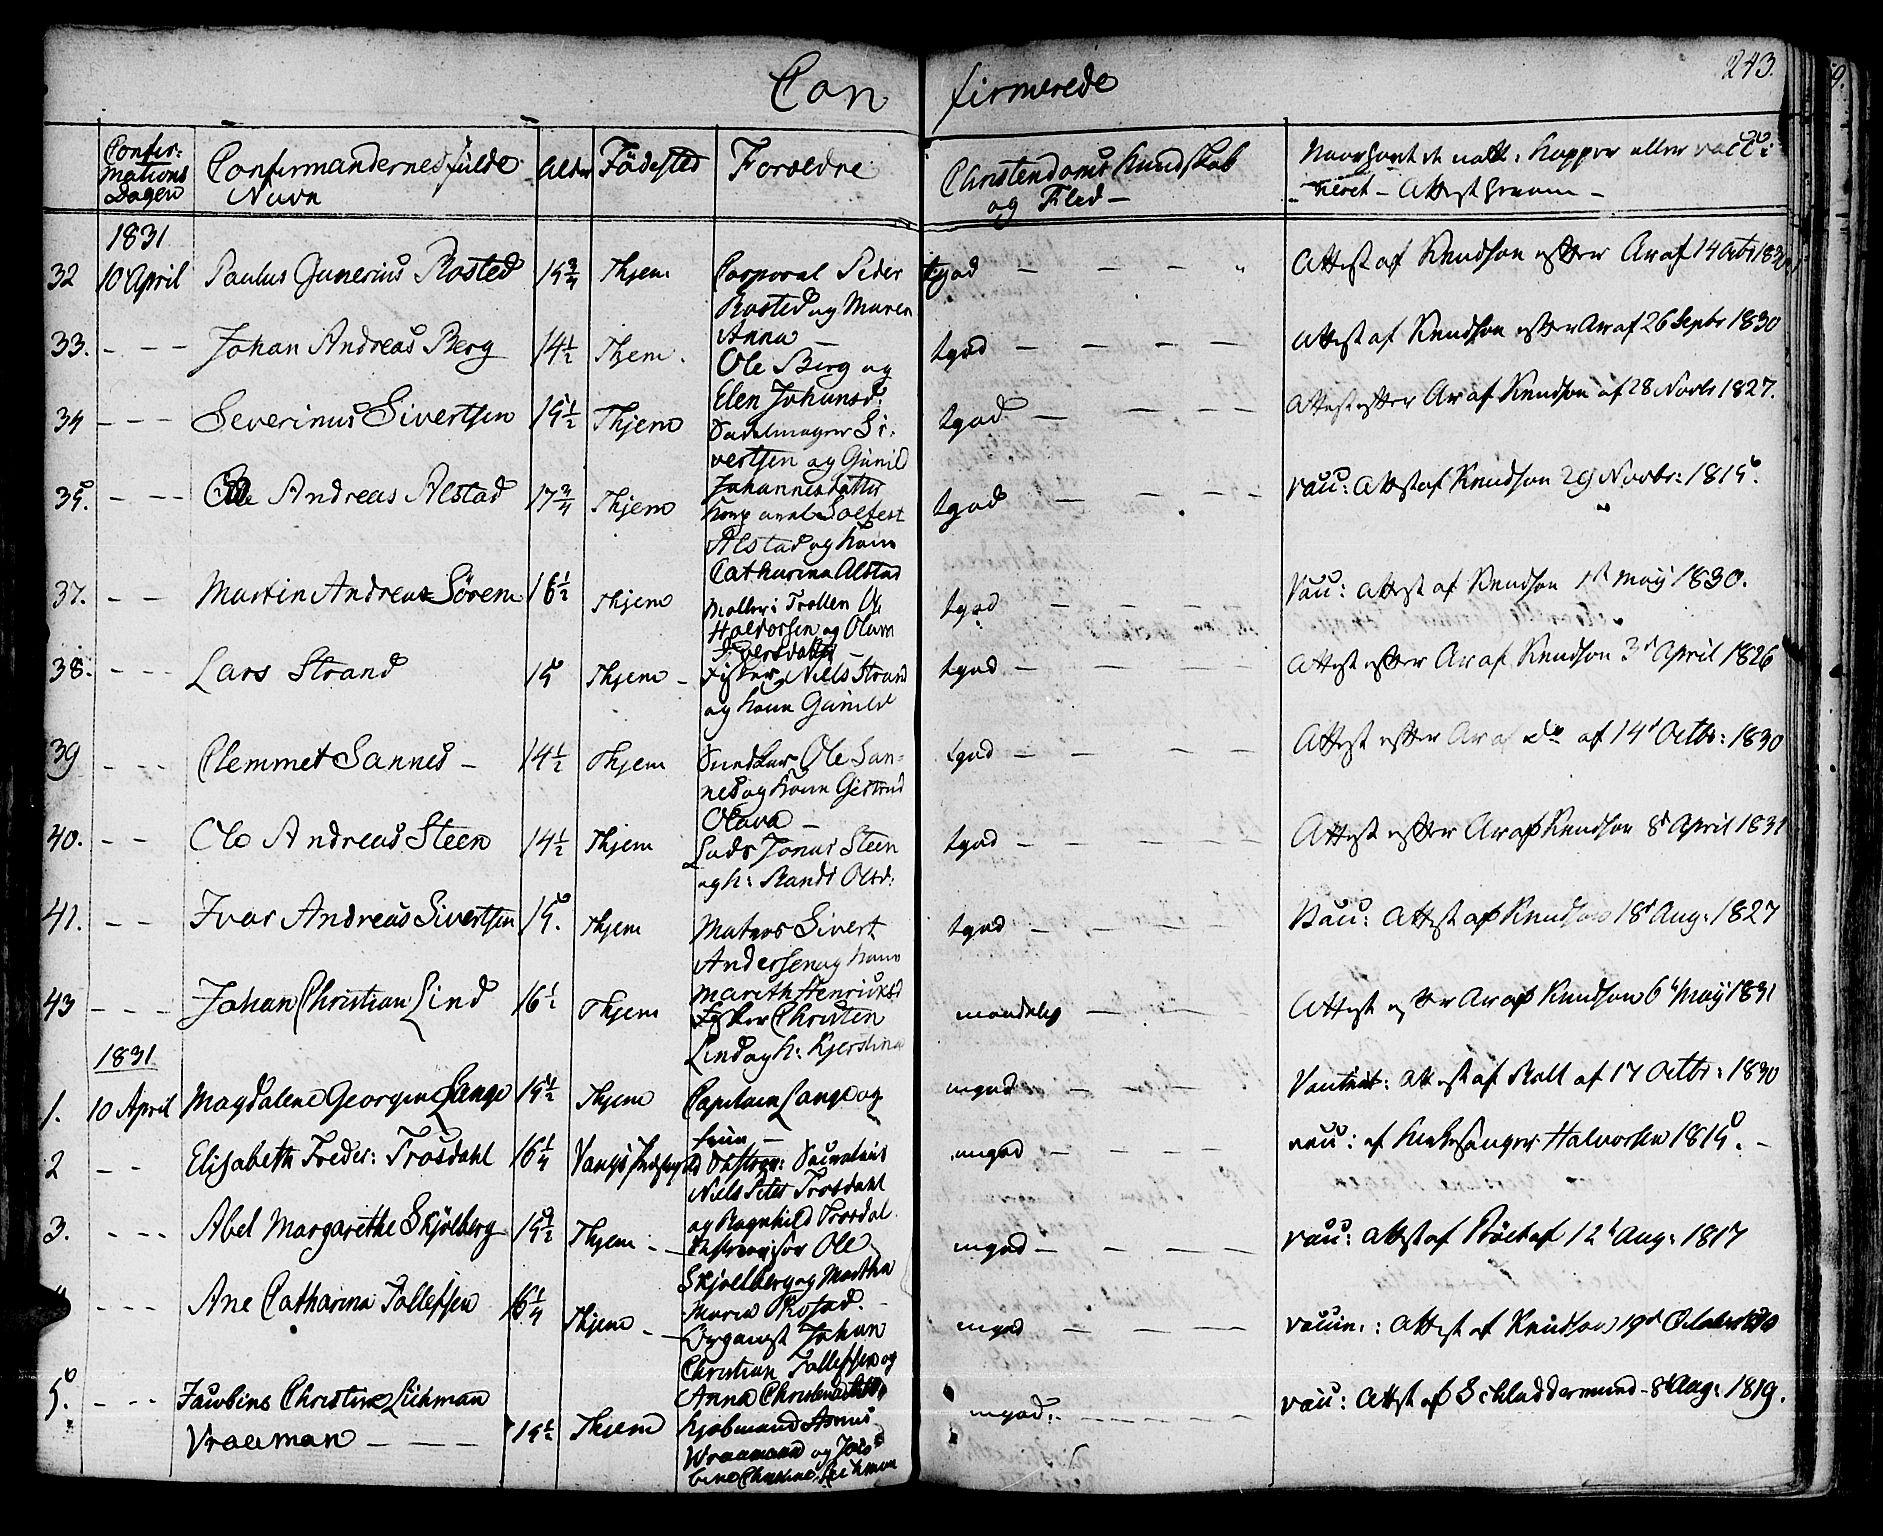 SAT, Ministerialprotokoller, klokkerbøker og fødselsregistre - Sør-Trøndelag, 601/L0045: Ministerialbok nr. 601A13, 1821-1831, s. 243